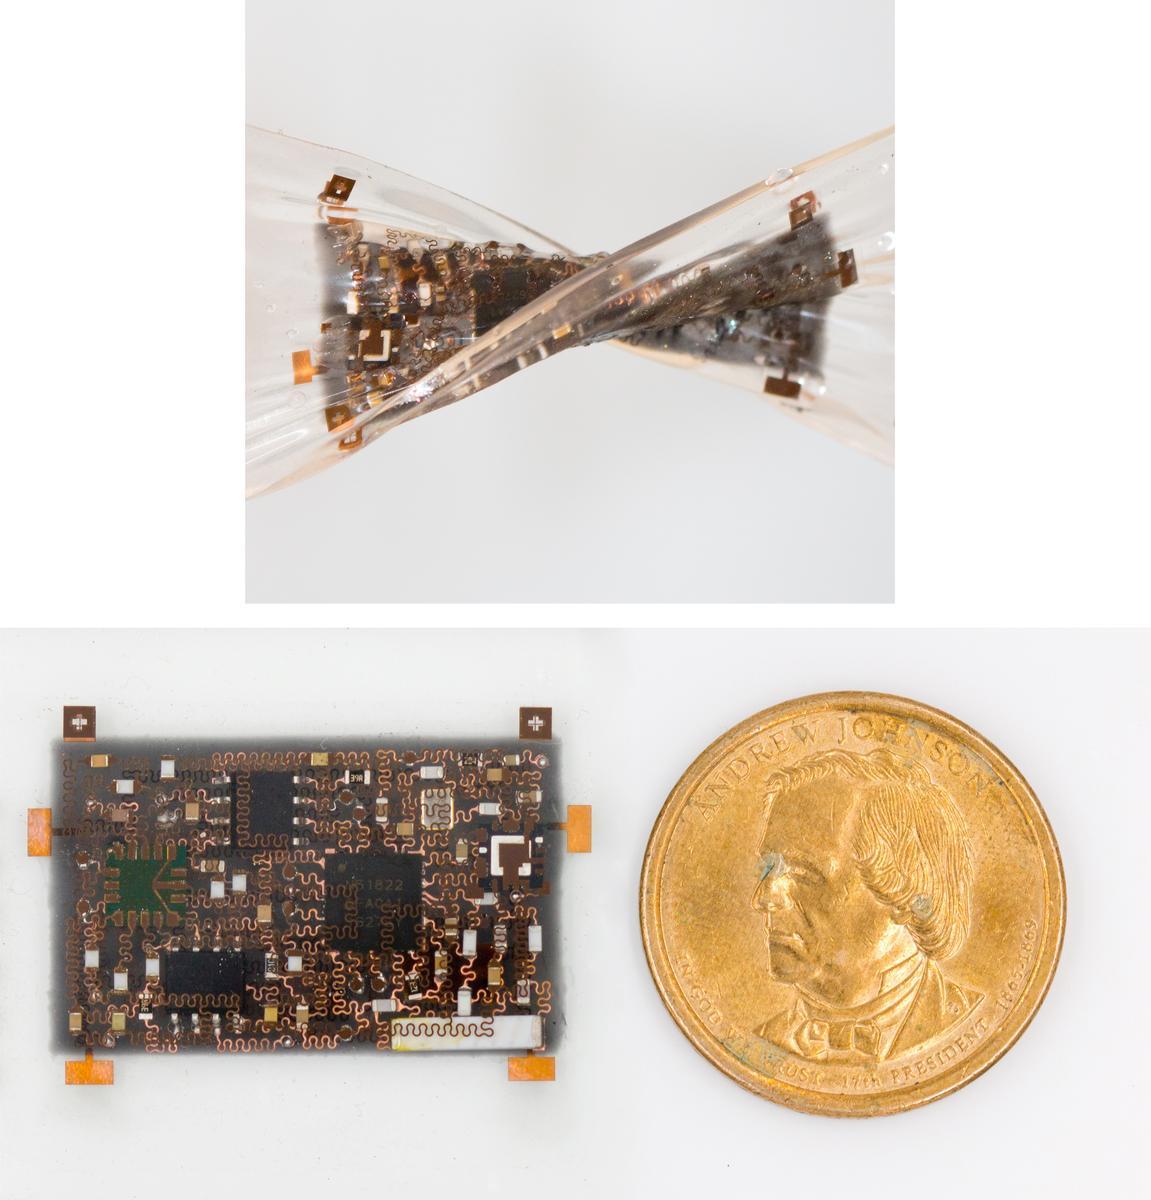 3D stretchable electronics smart bandage